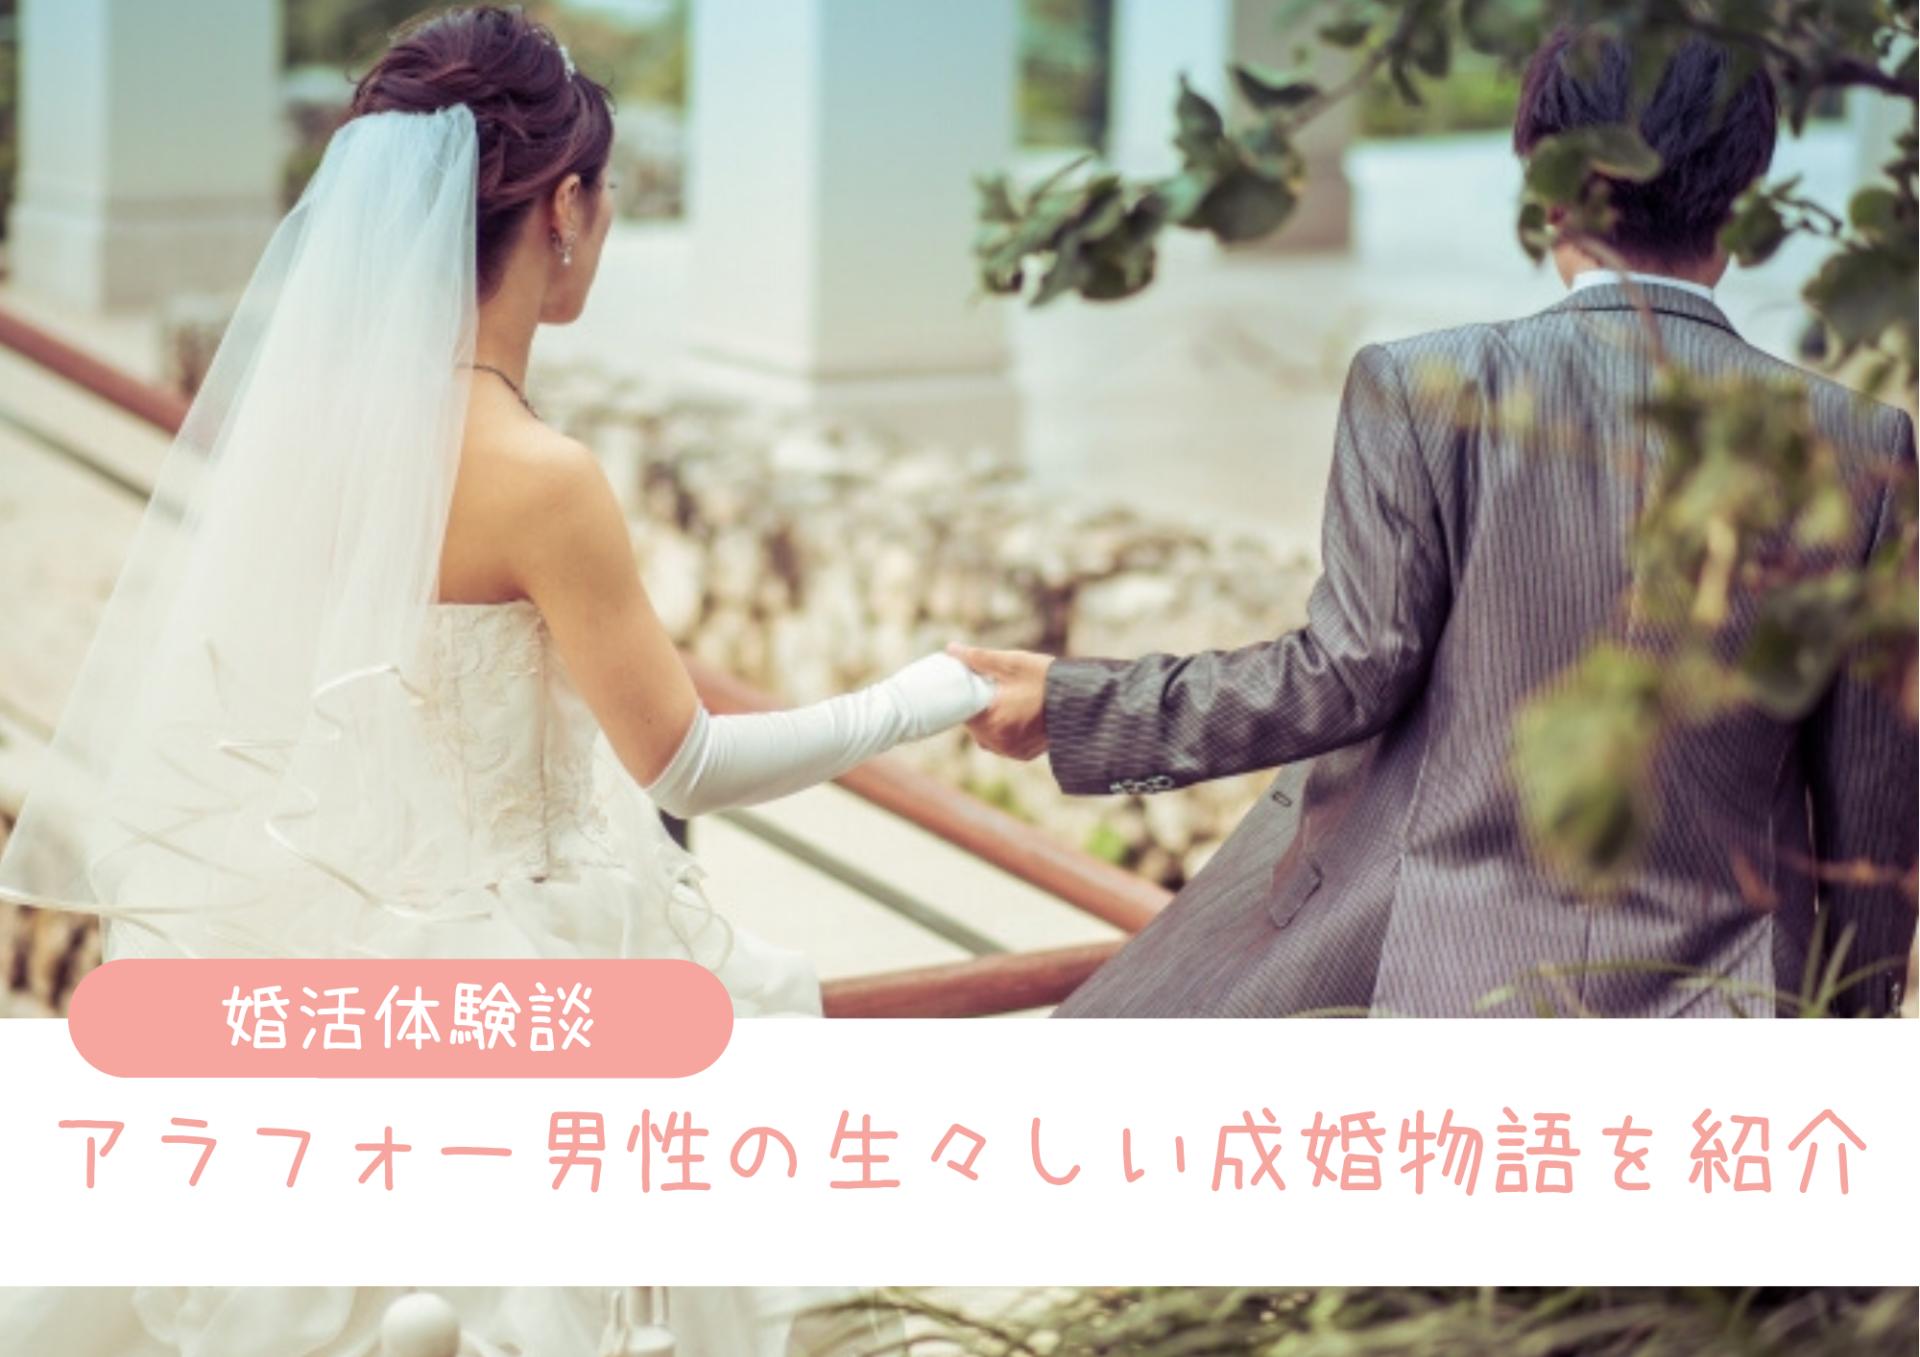 アラフォー 結婚 相談 所